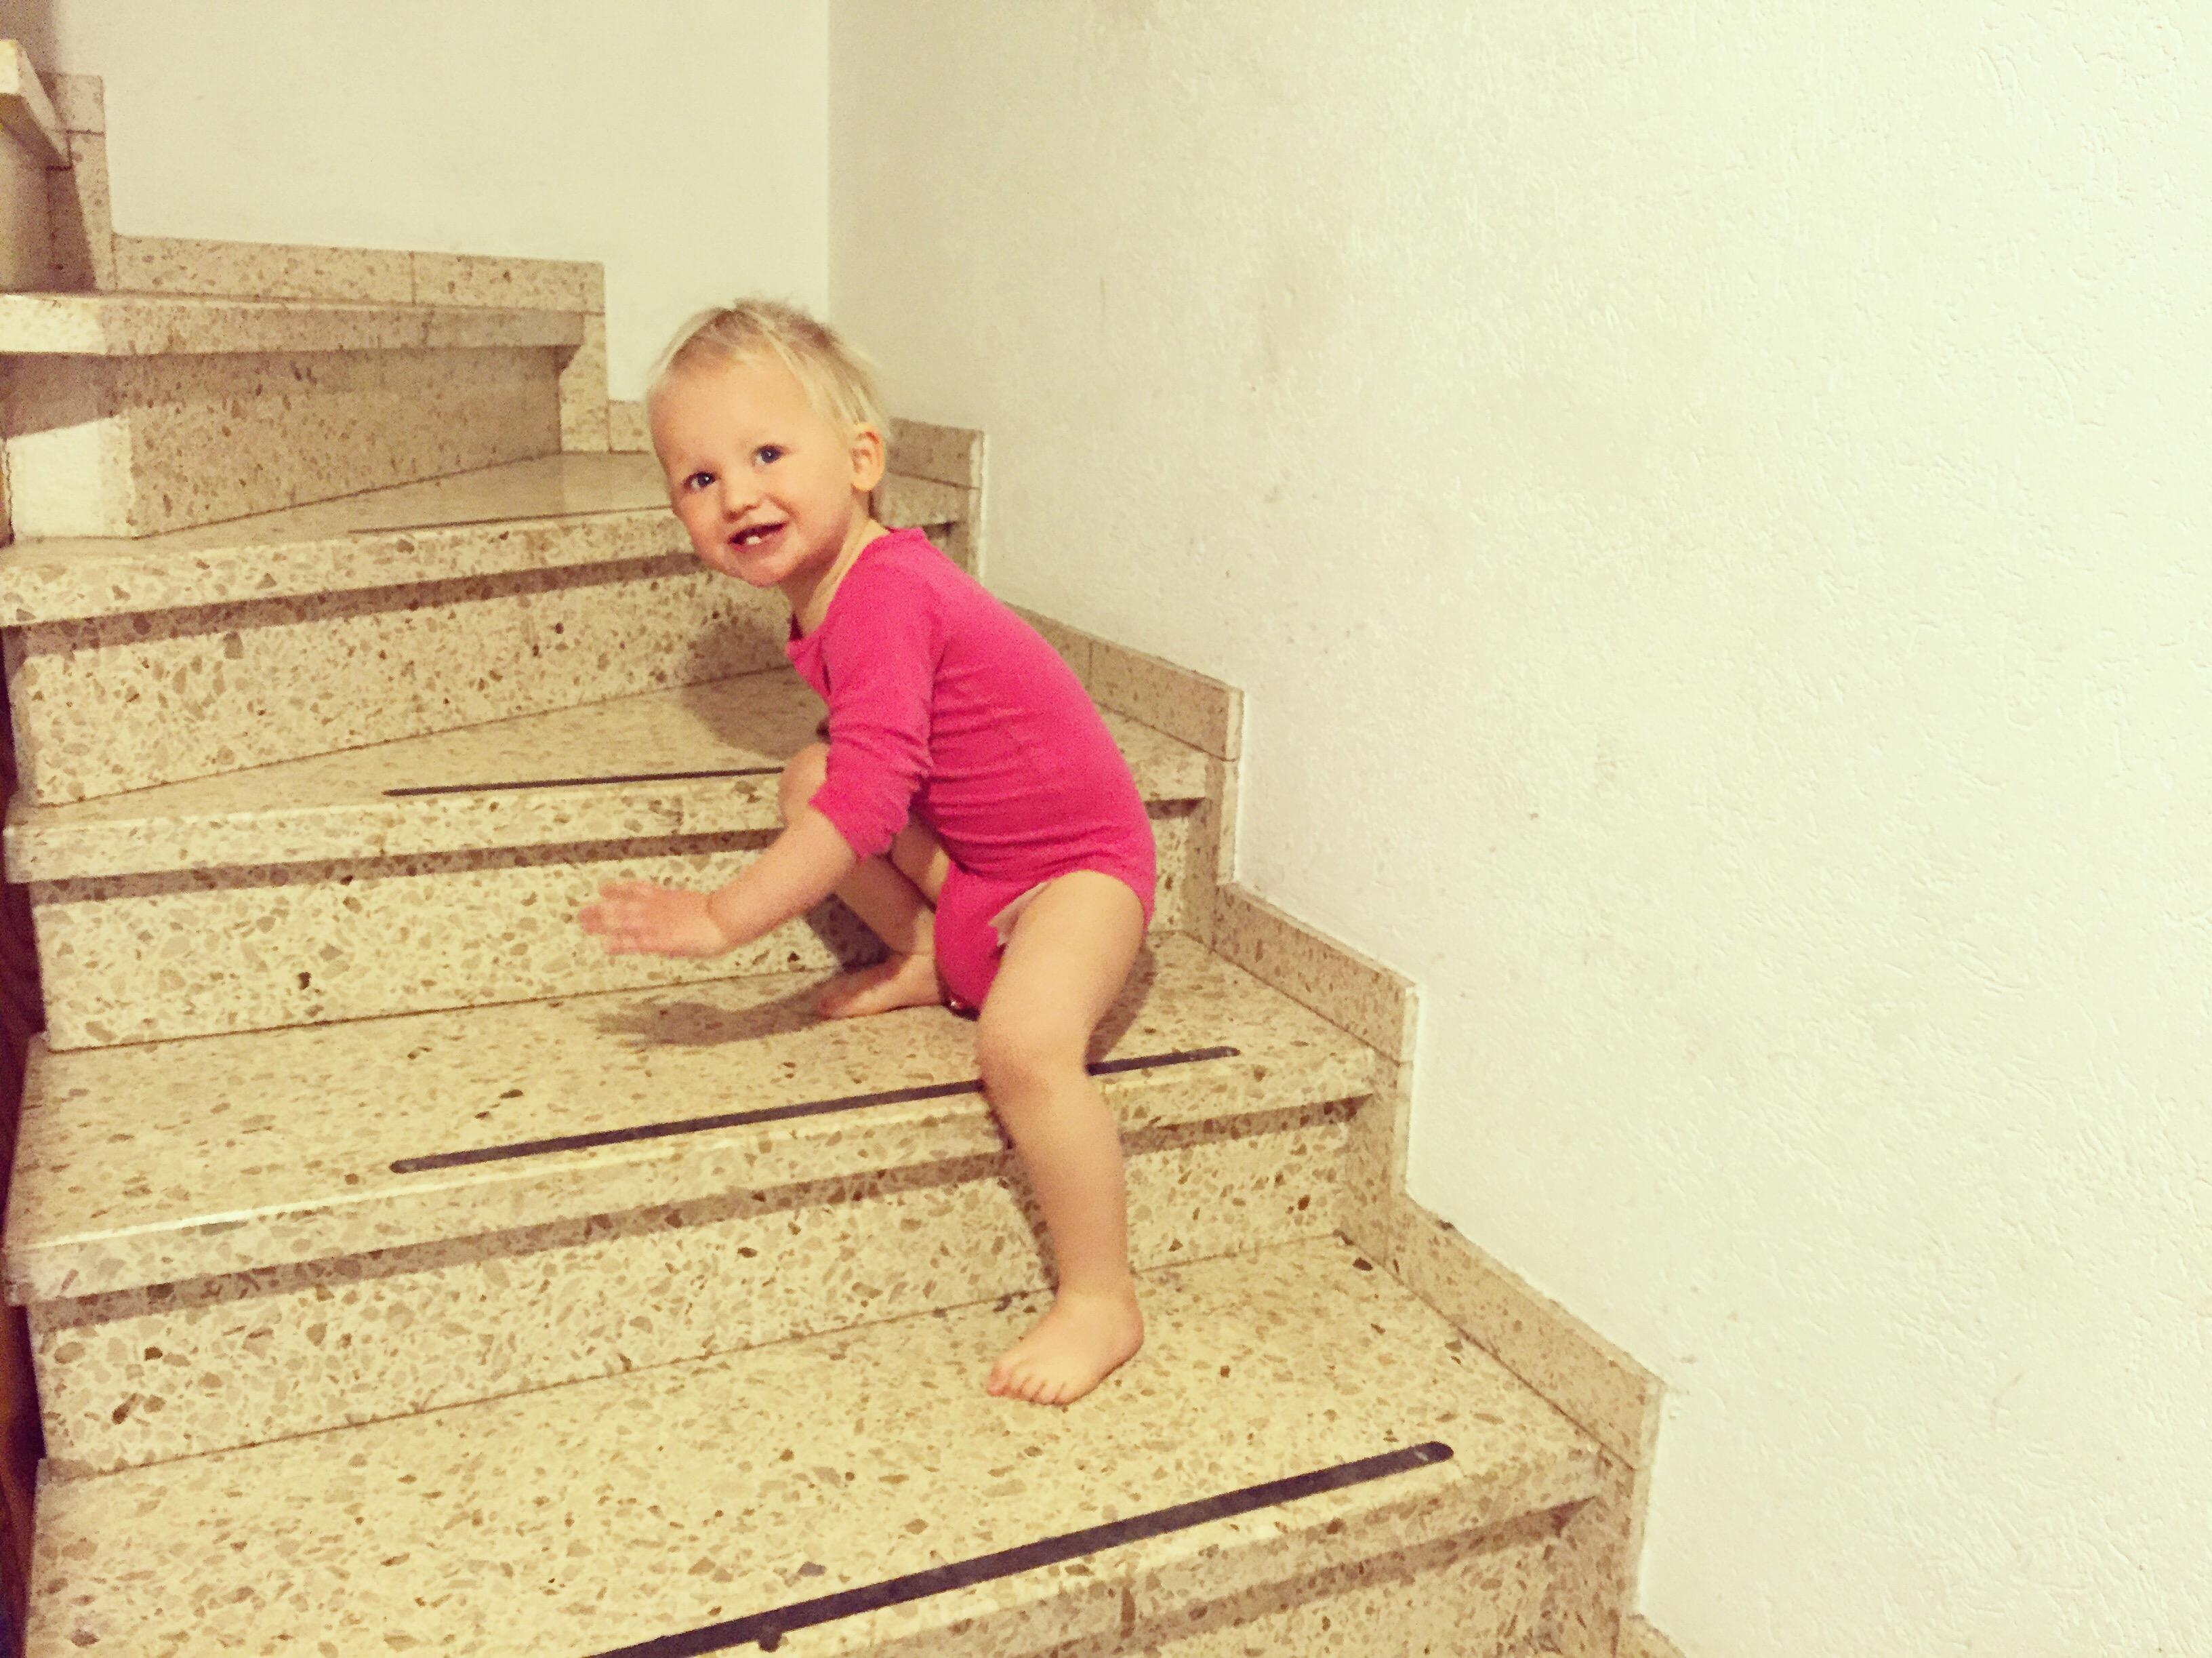 Helpen met de trap af lopen? Nee hoor. Zelf doen!